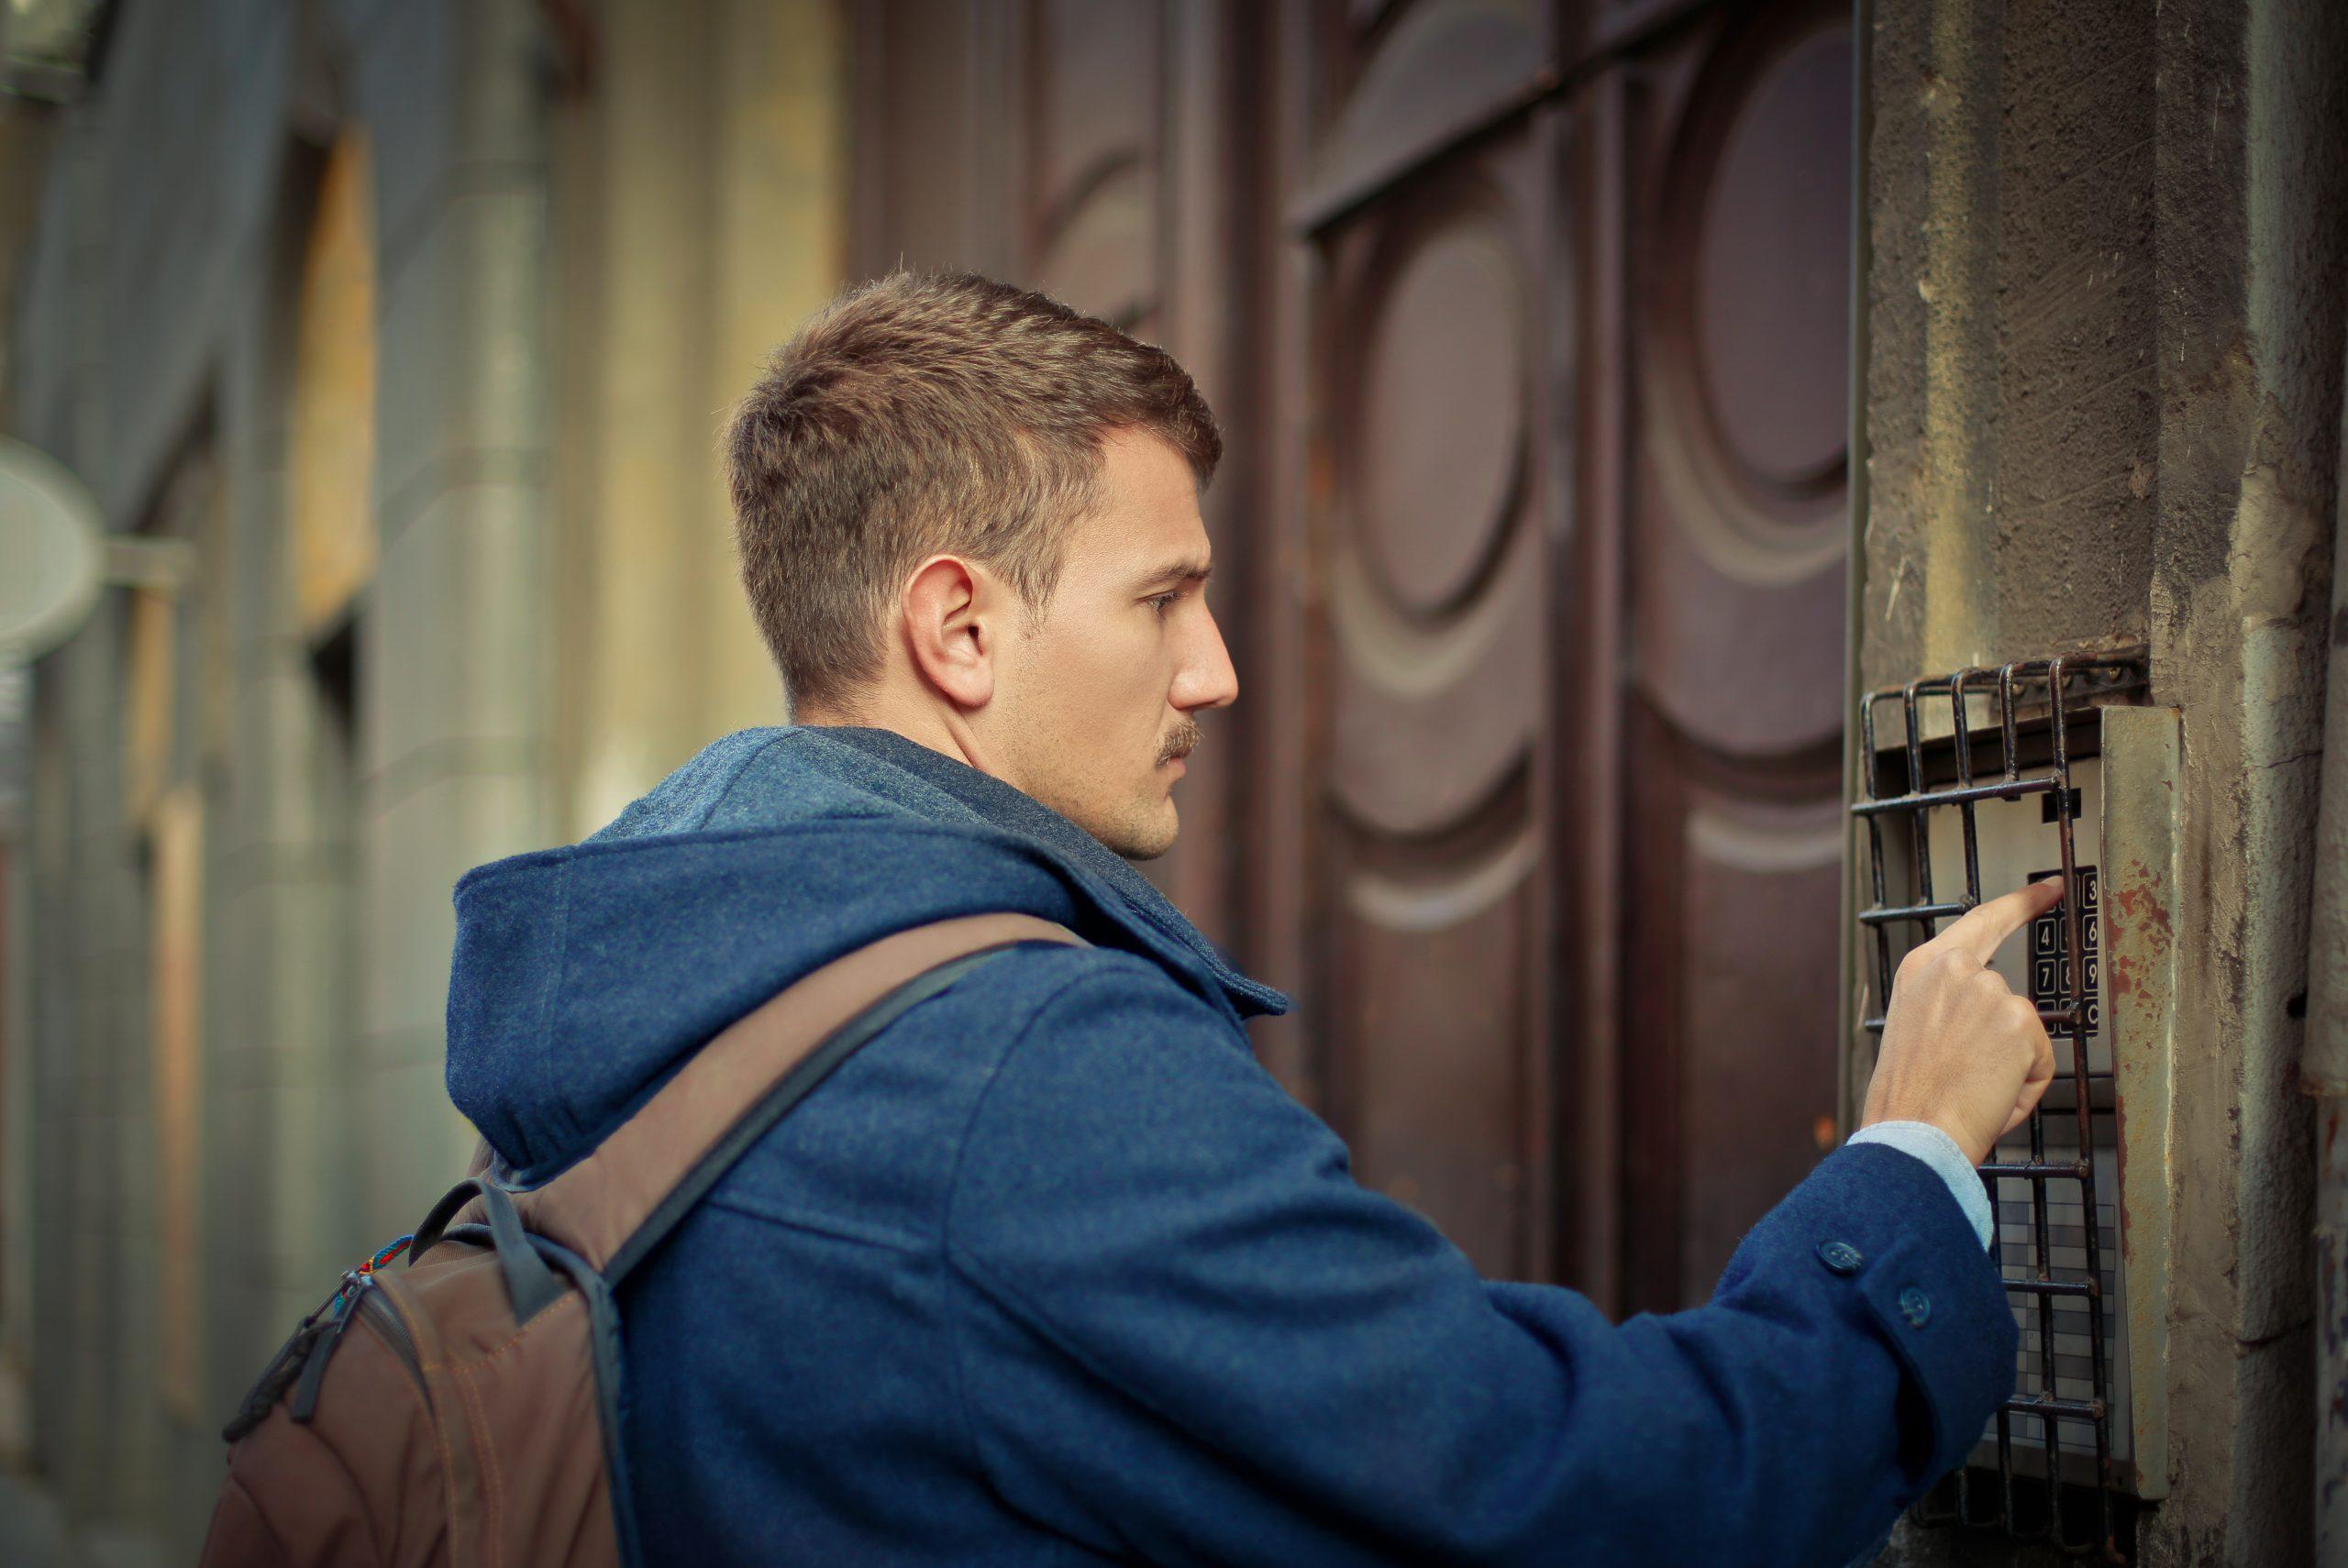 homme qui sonne à une porte